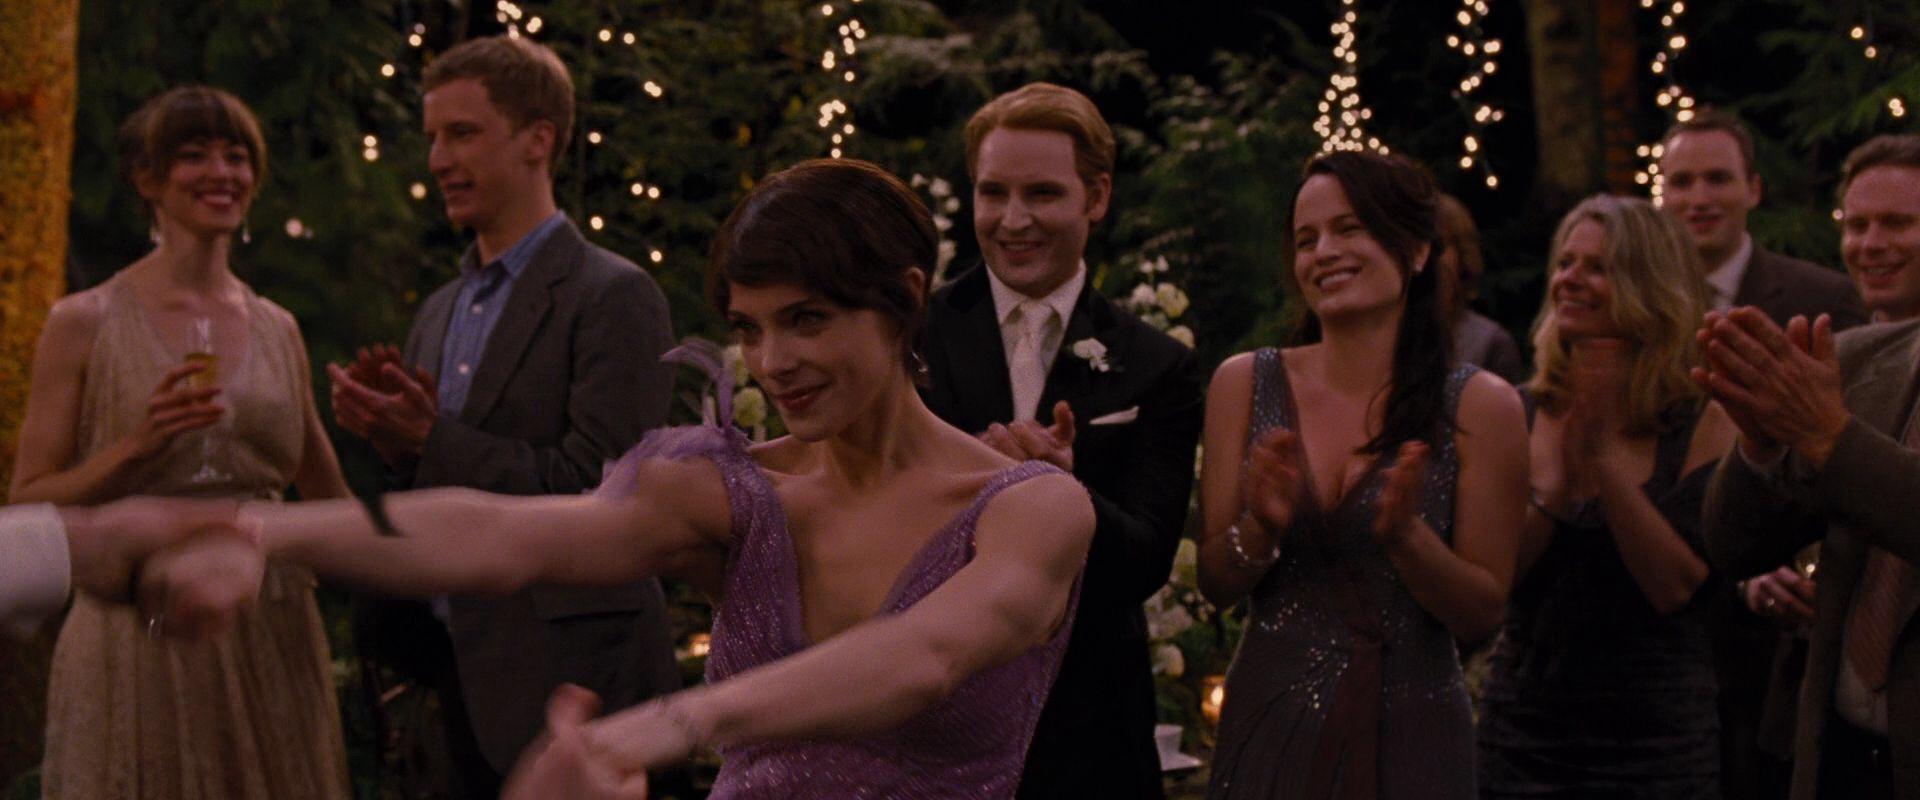 Ashley carlisle wedding